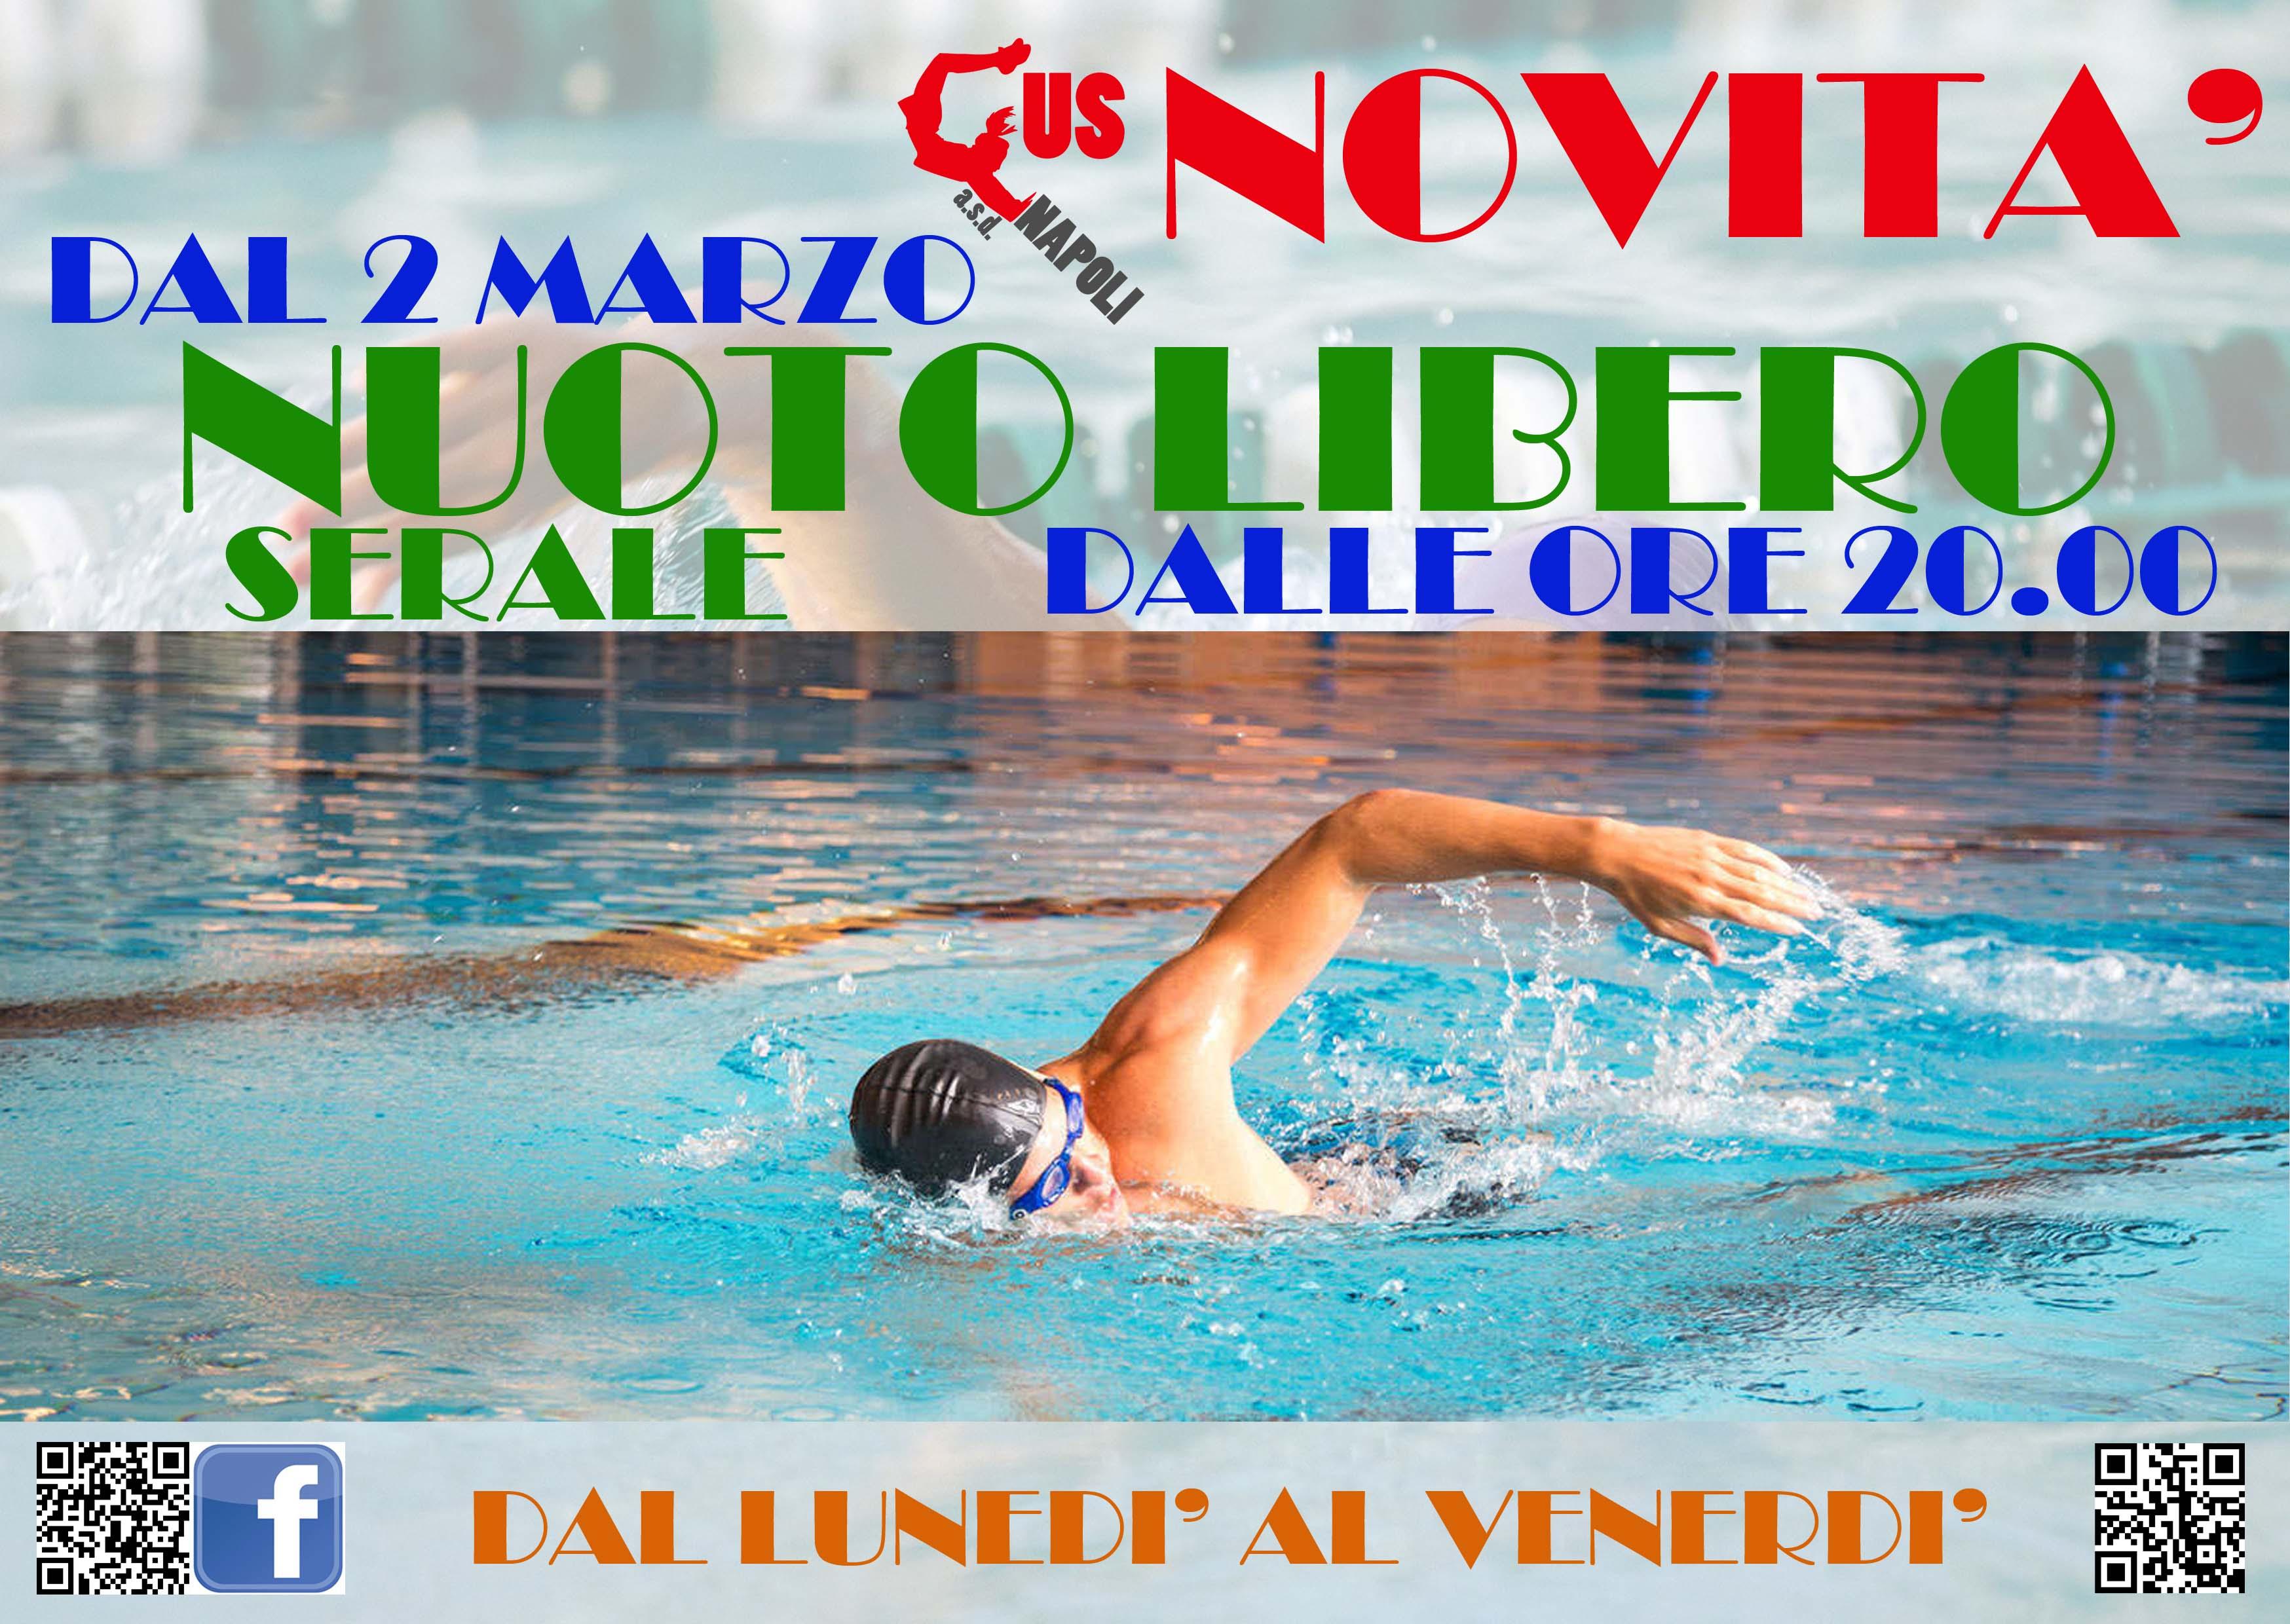 Cus napoli dal 2 marzo il nuoto libero serale dalle ore - Piscina giussano nuoto libero ...